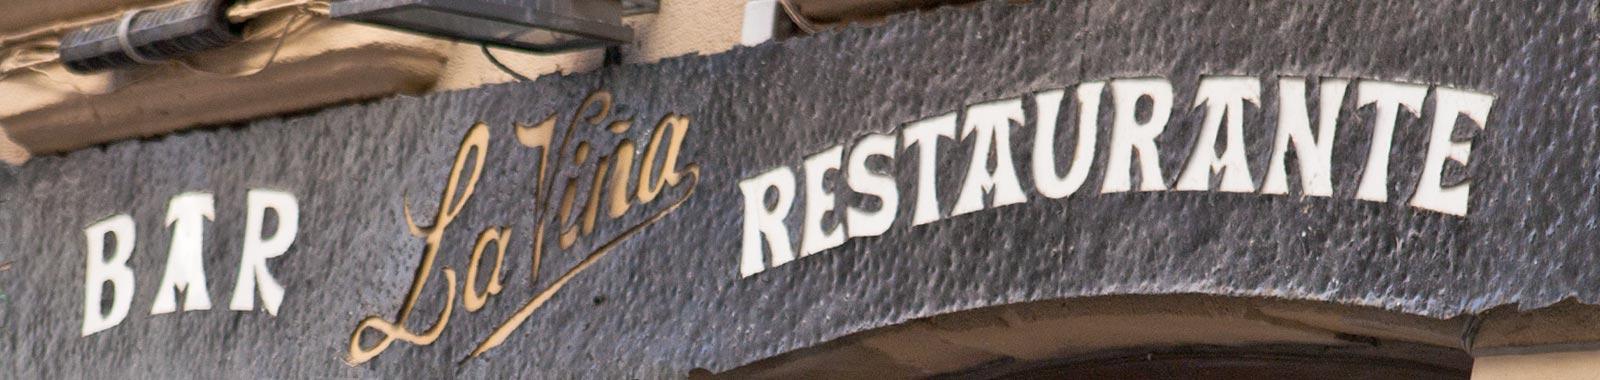 Cartes du bar-restaurant La Viña Sain Sebastien